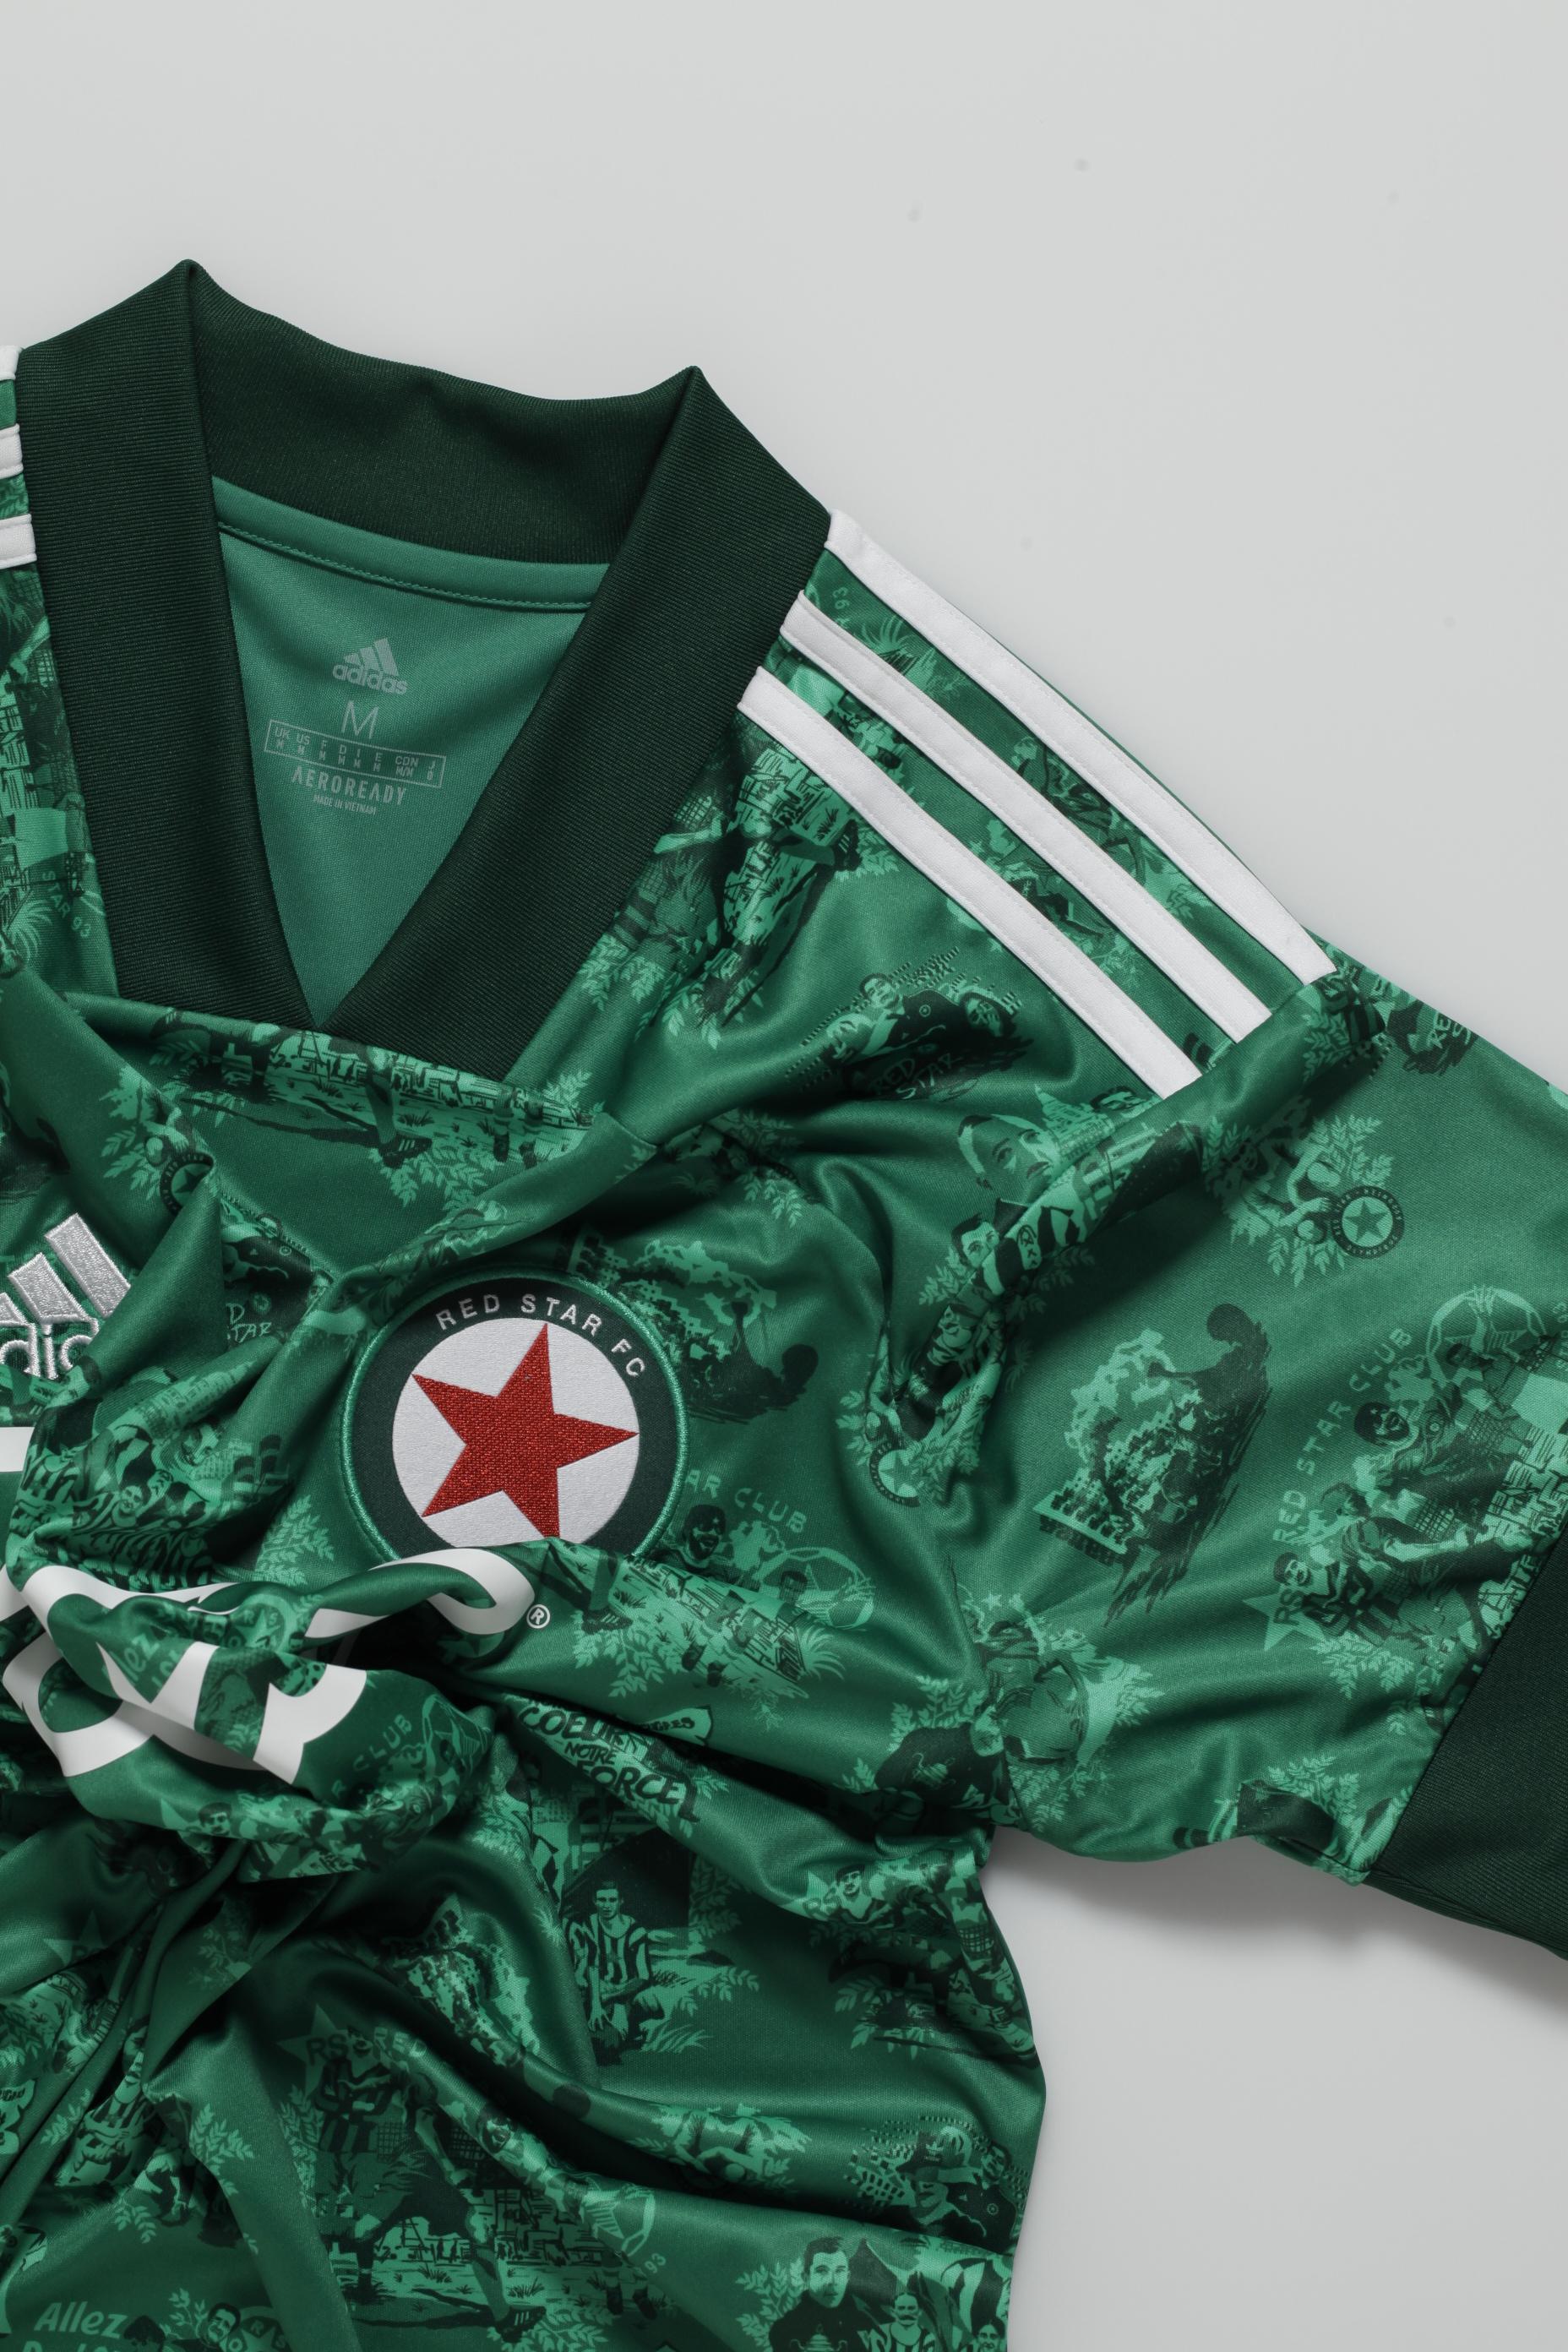 Le Red Star rapproche passé et présent avec ses nouveaux maillots